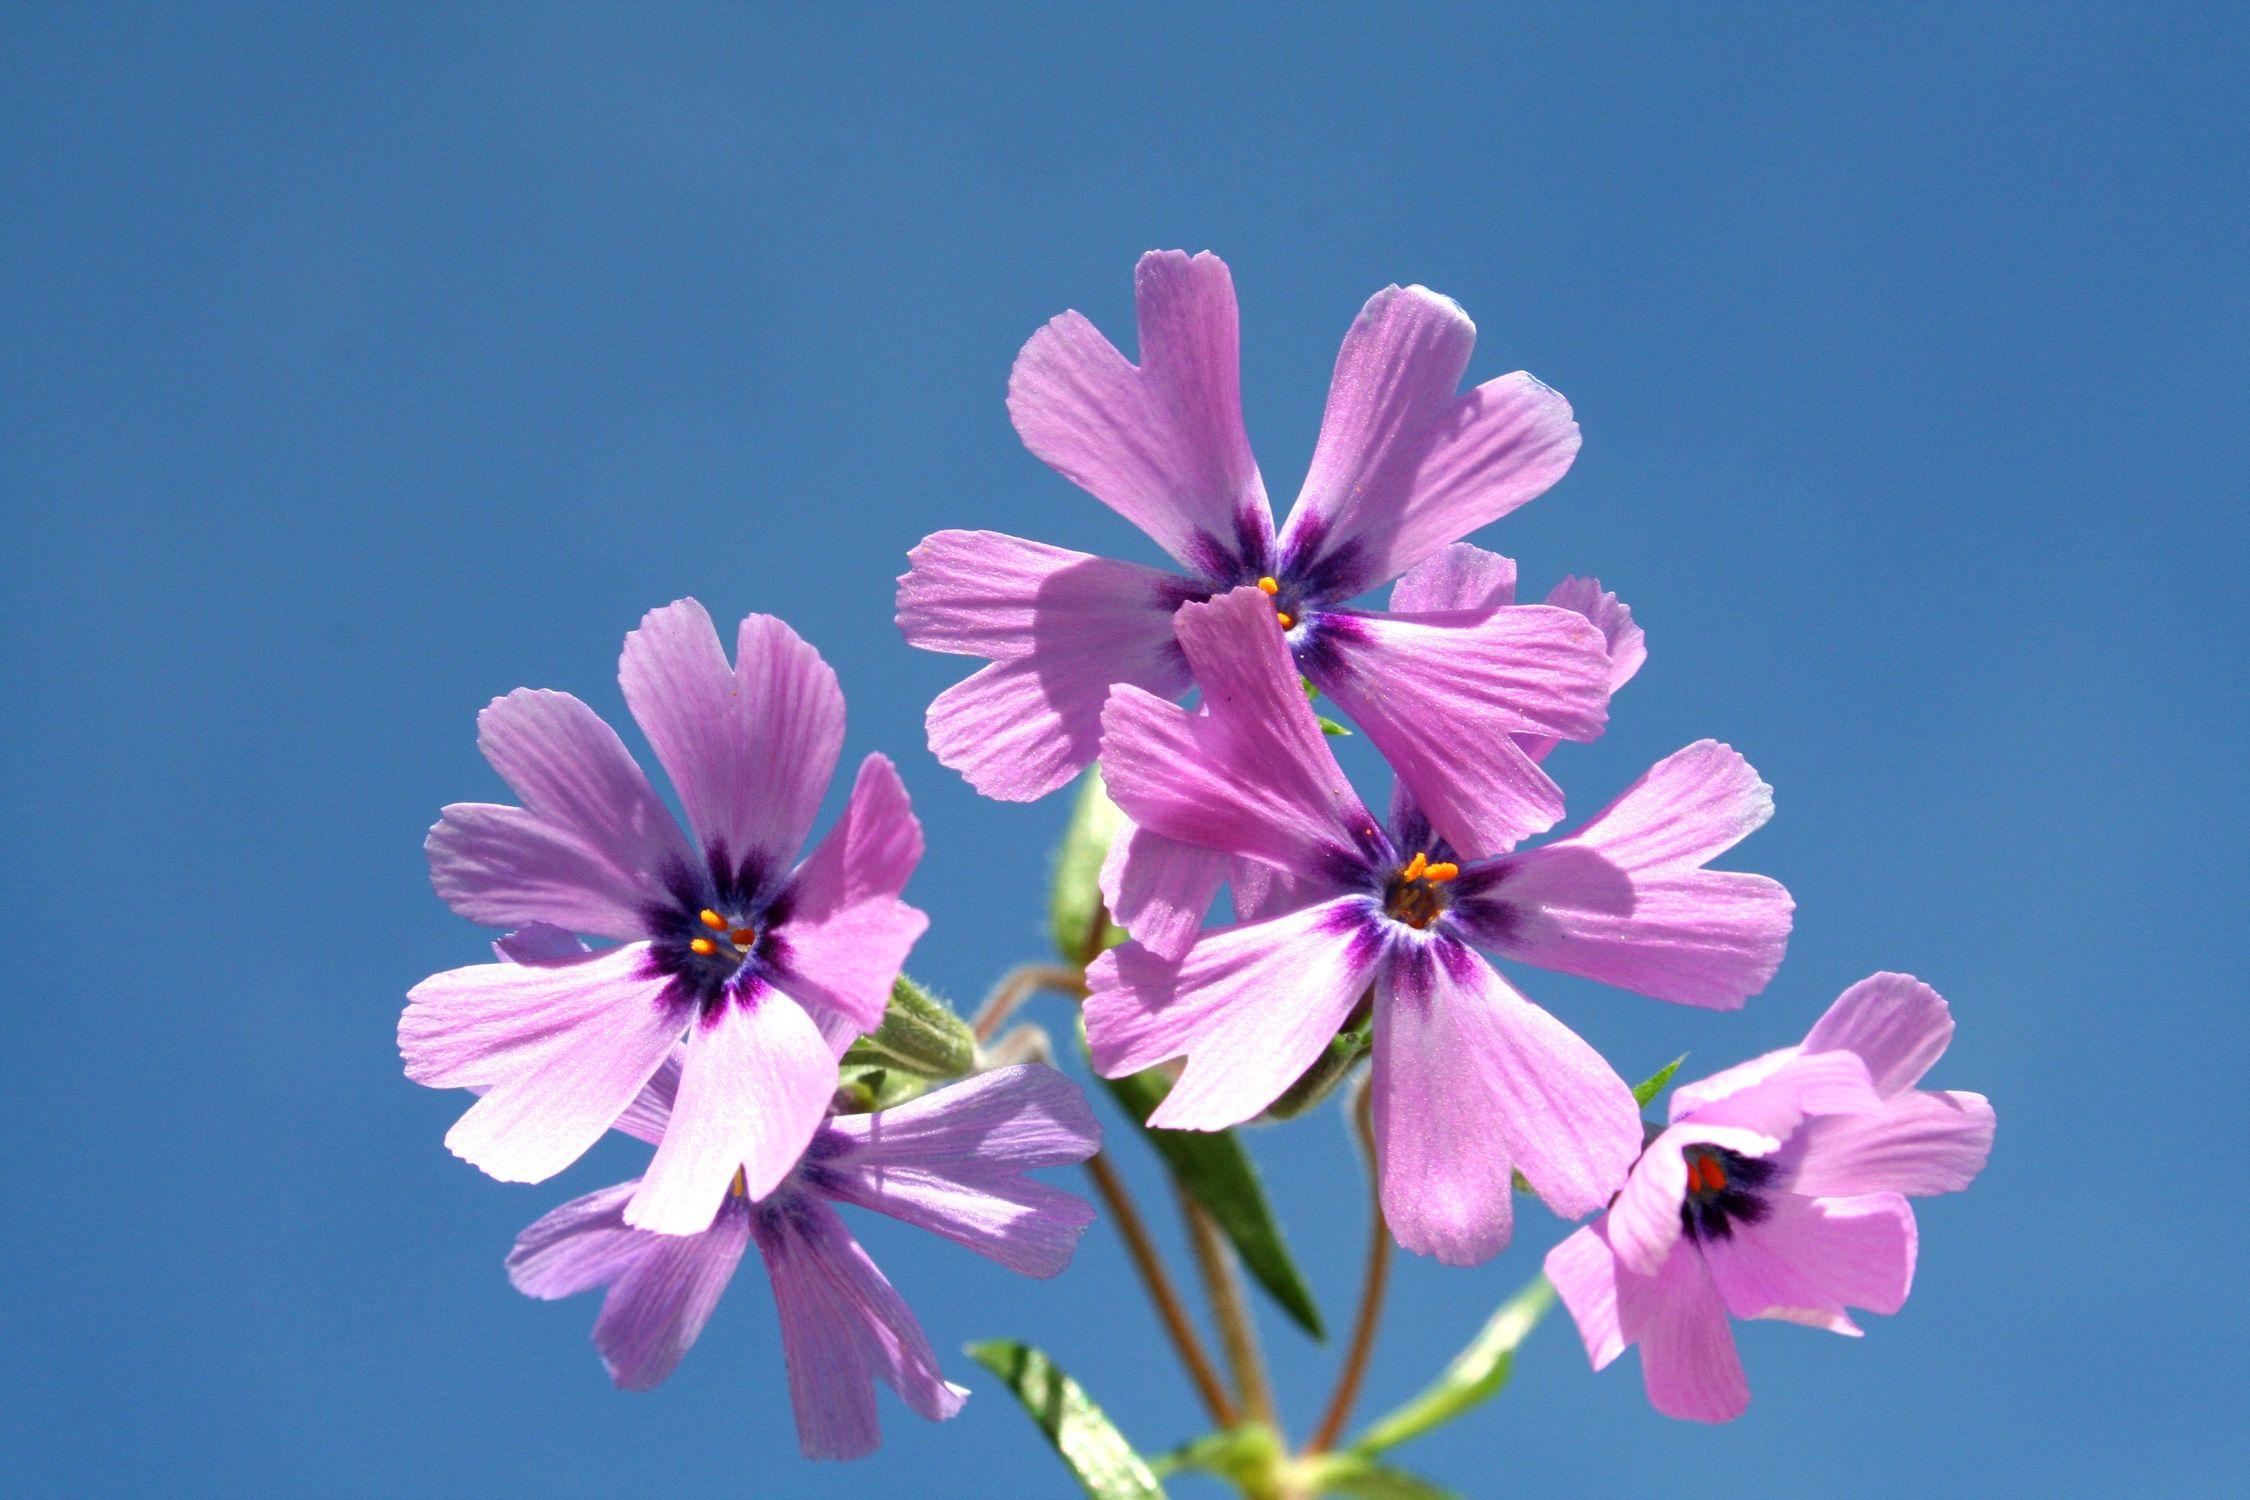 Bild mit Farben, Natur, Pflanzen, Pflanzen, Blumen, Blumen, Rosa, Lila, Blume, Pflanze, Flower, sunshine